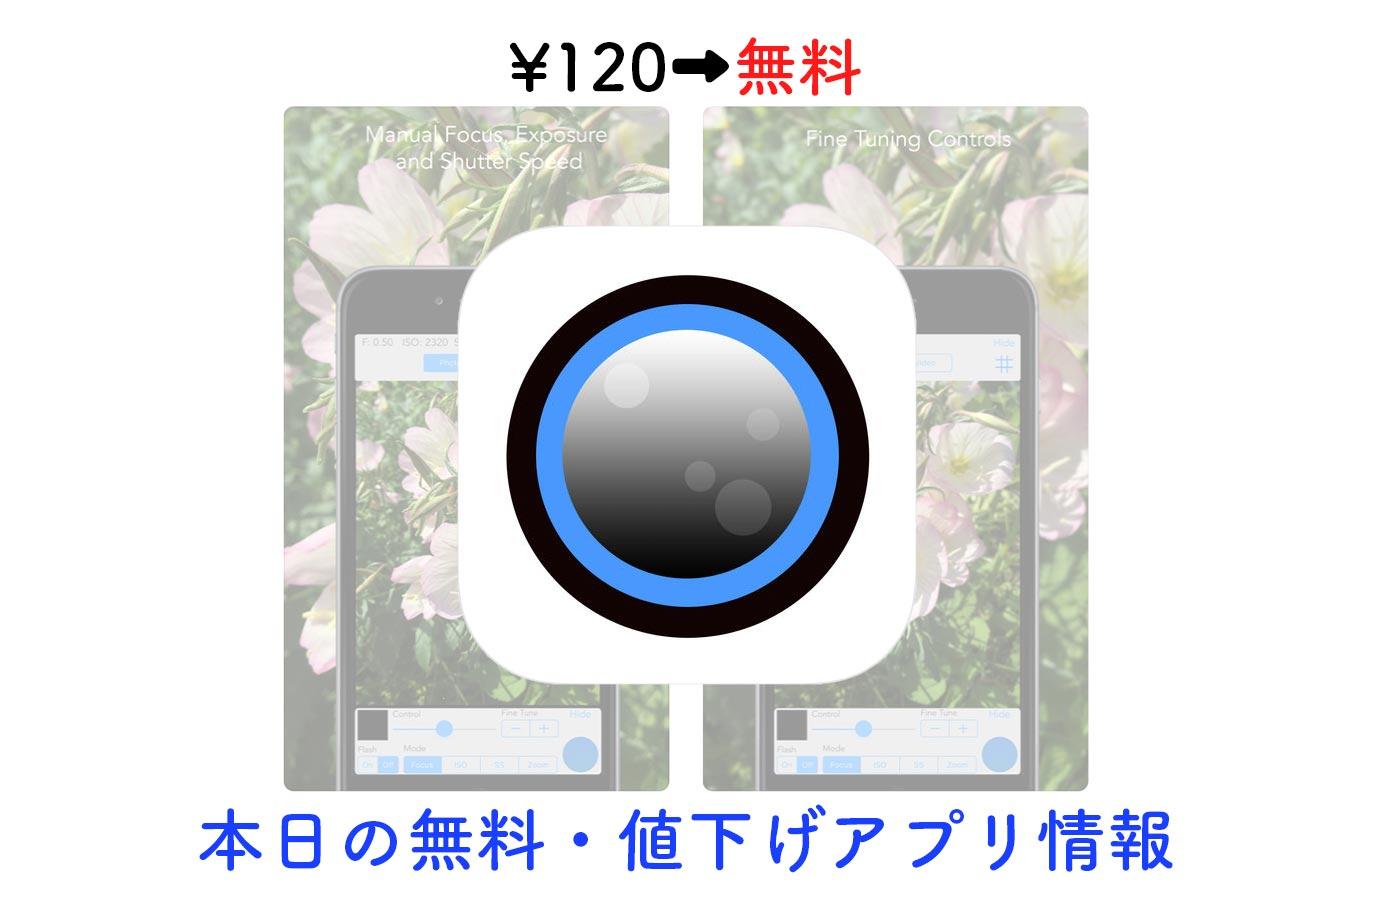 ¥120→無料、マニュアルカメラアプリ「ReliCam」など【3/7】本日の無料・値下げアプリ情報